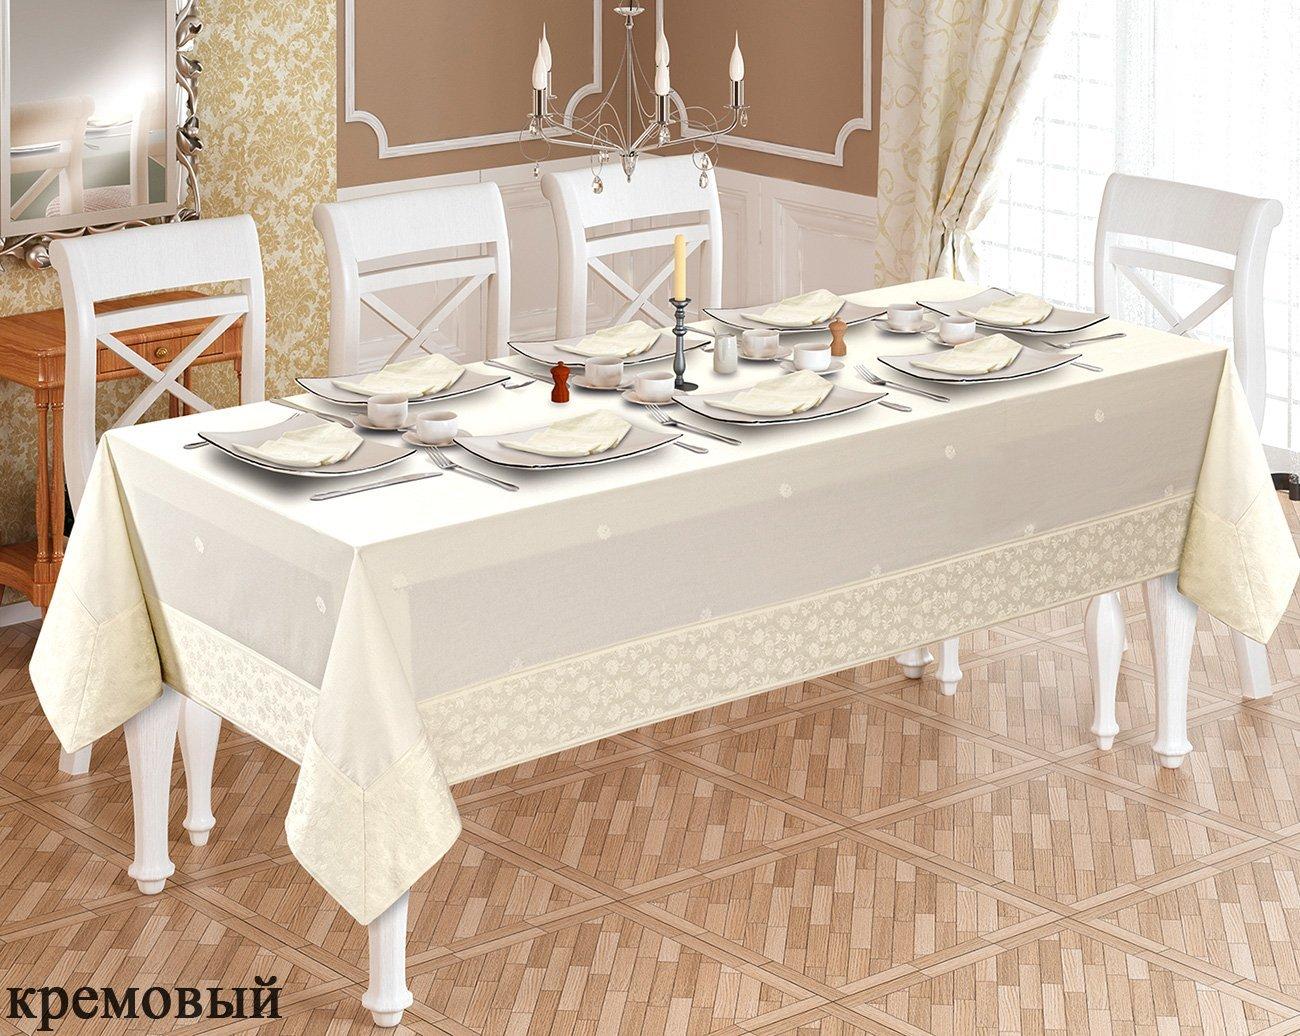 Скатерть жаккардовая, с салфетками Katlamali Maison